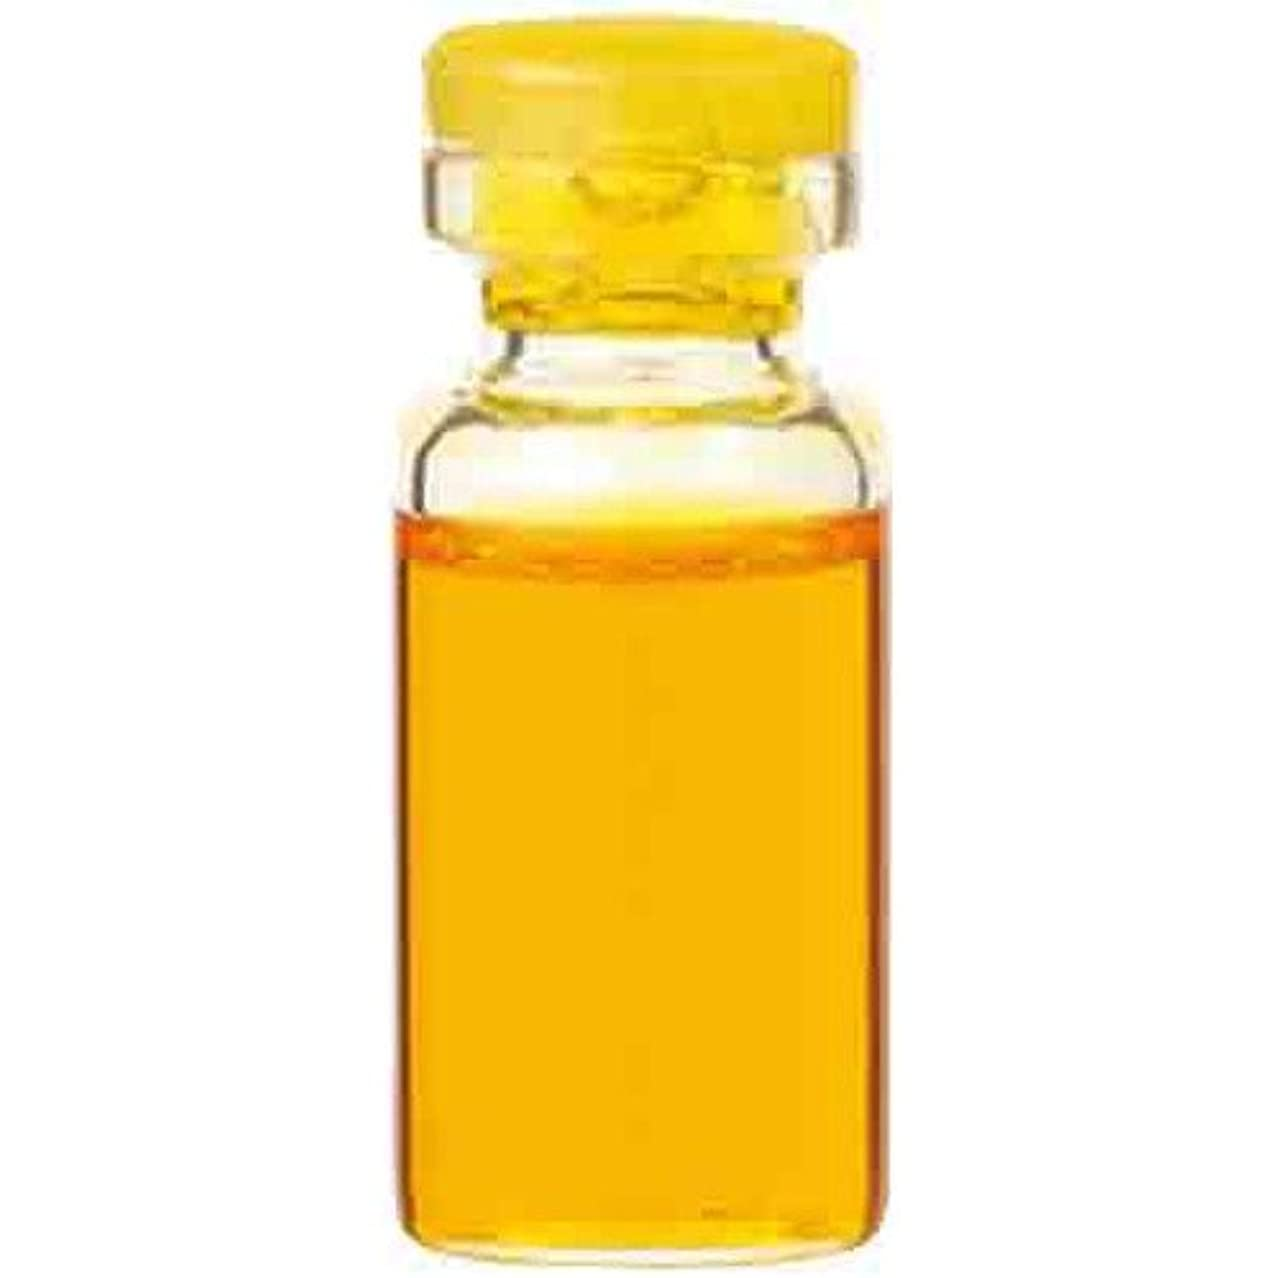 衝撃効果的金曜日生活の木 Herbal Life Organic オレンジスイート 10ml